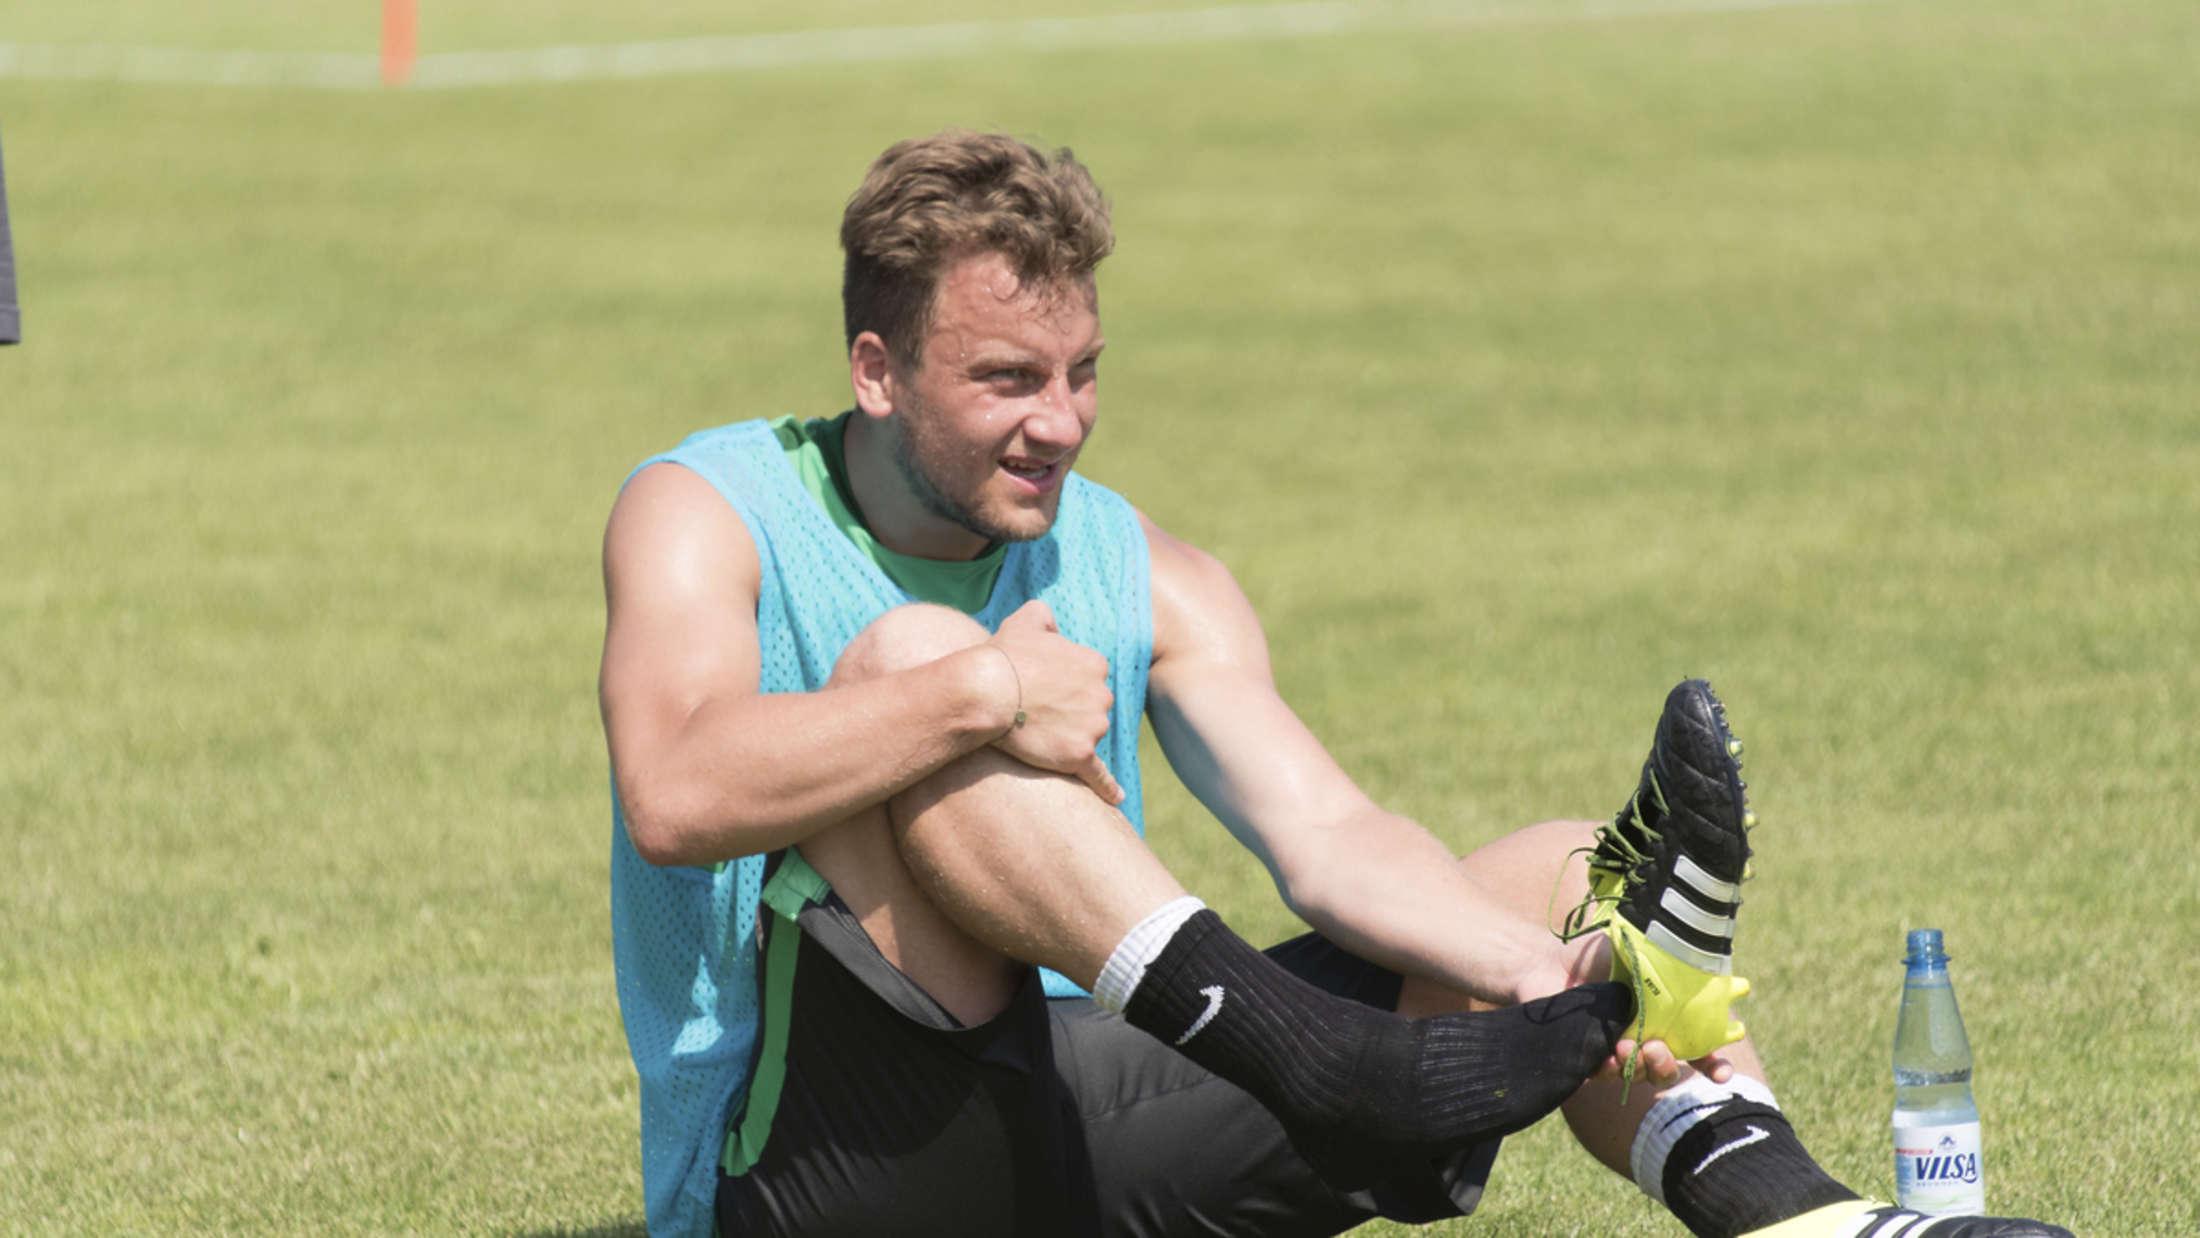 Werder Bremens Philipp Bargfrede fällt mit Bänderanriss